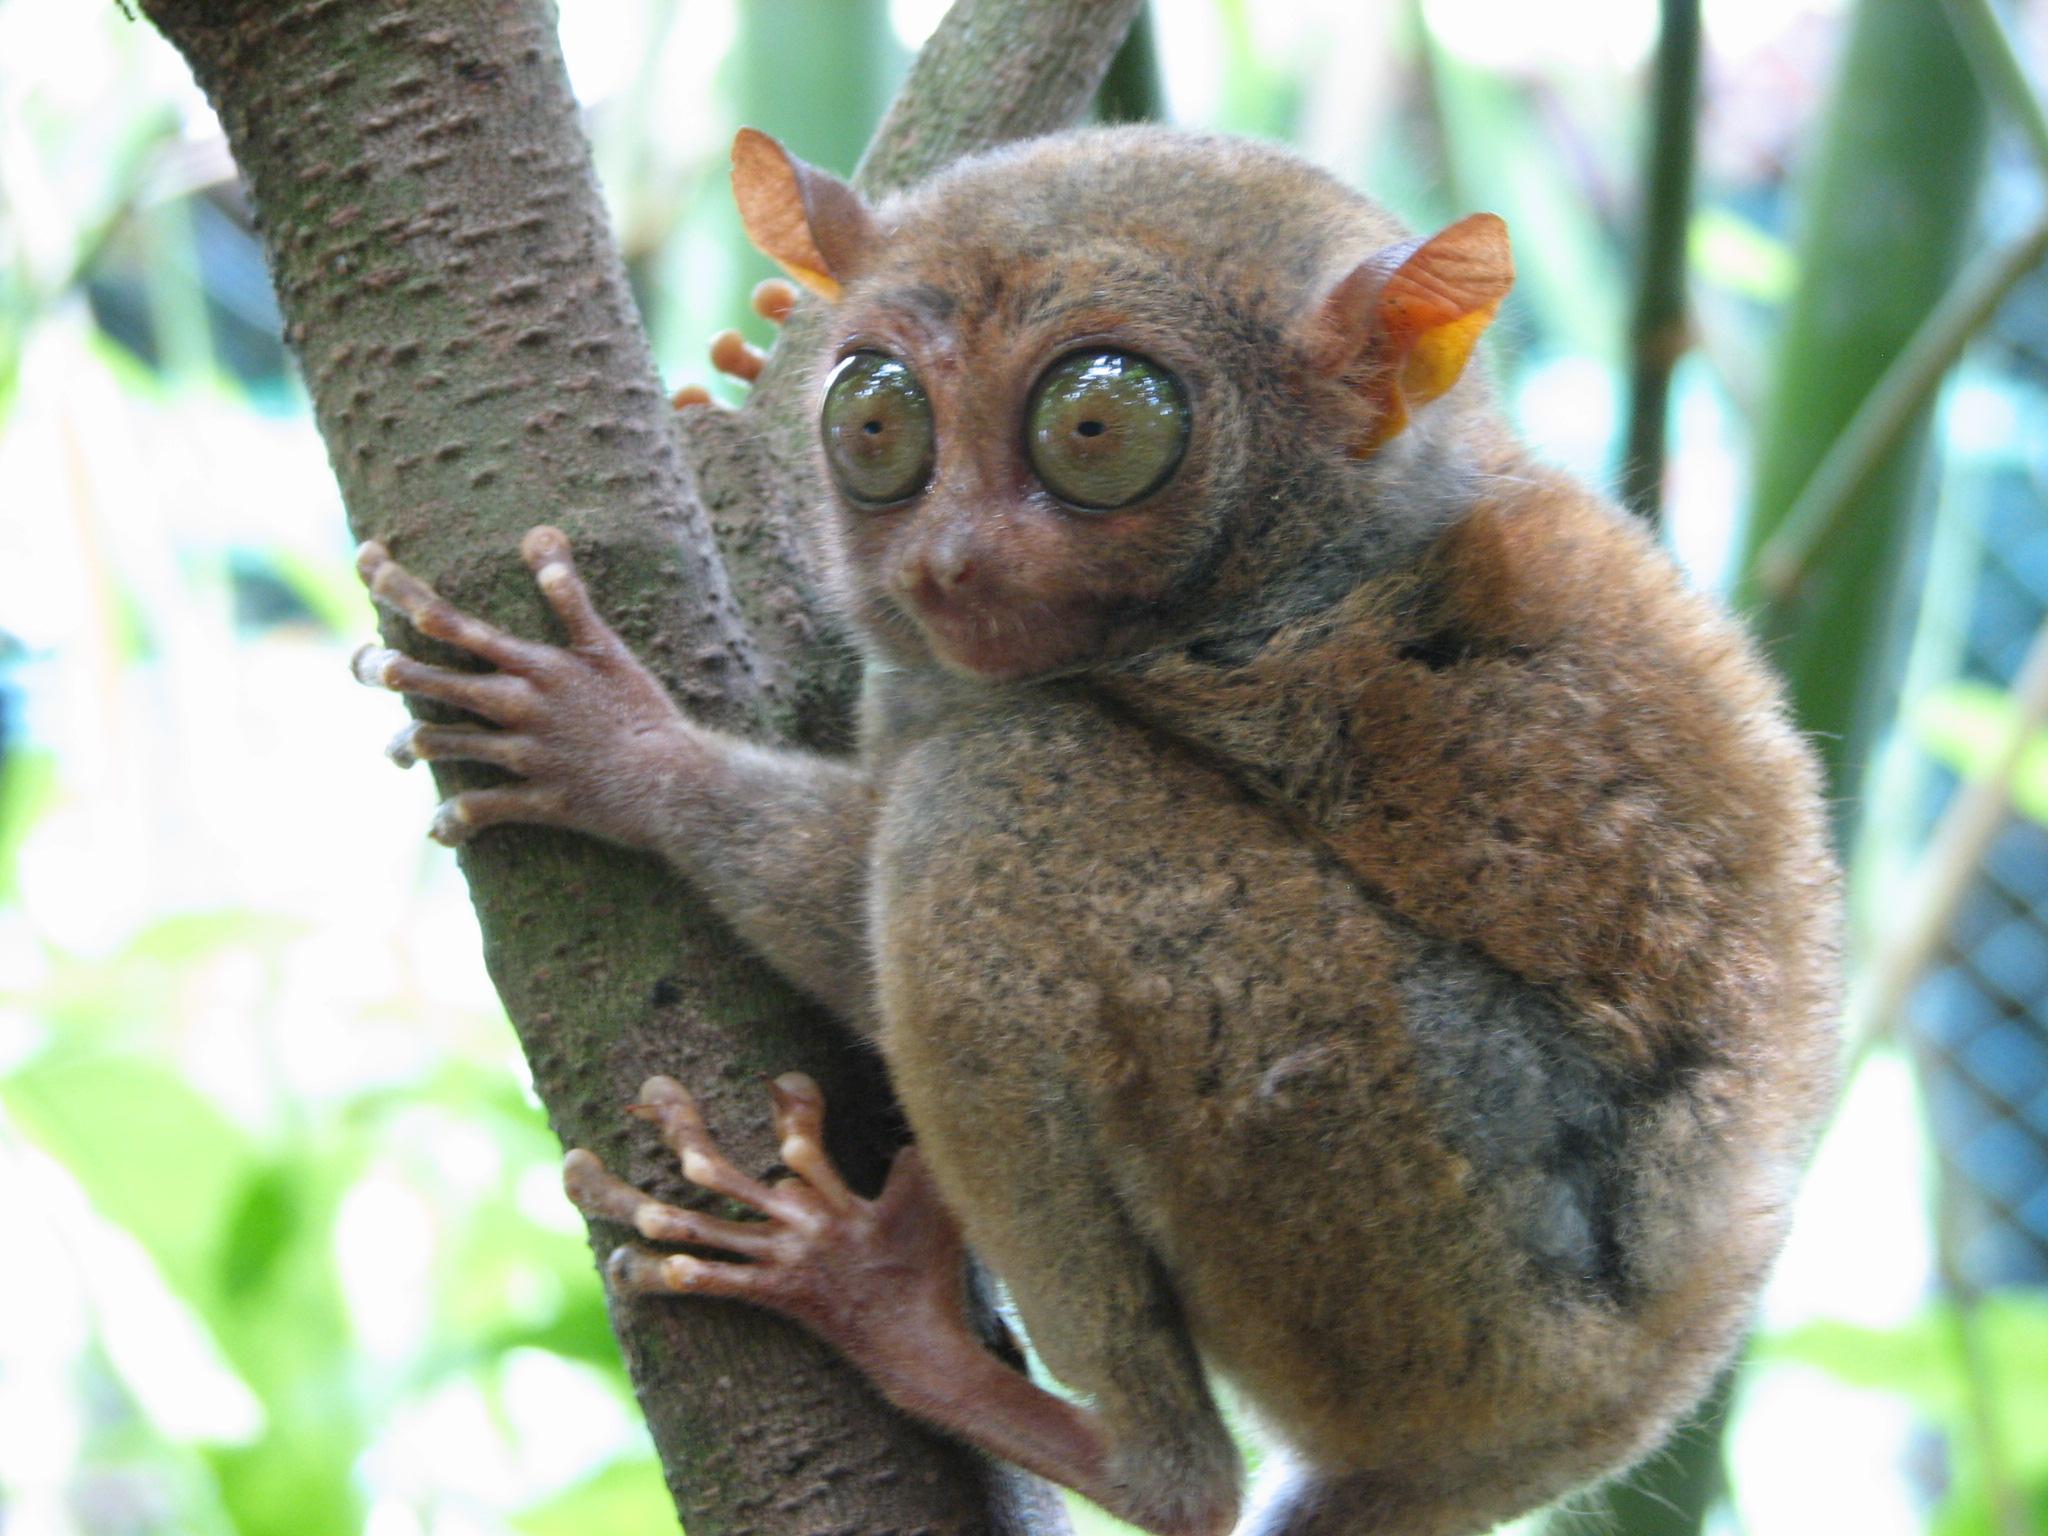 tarsier smallest primates Bohol Philppines